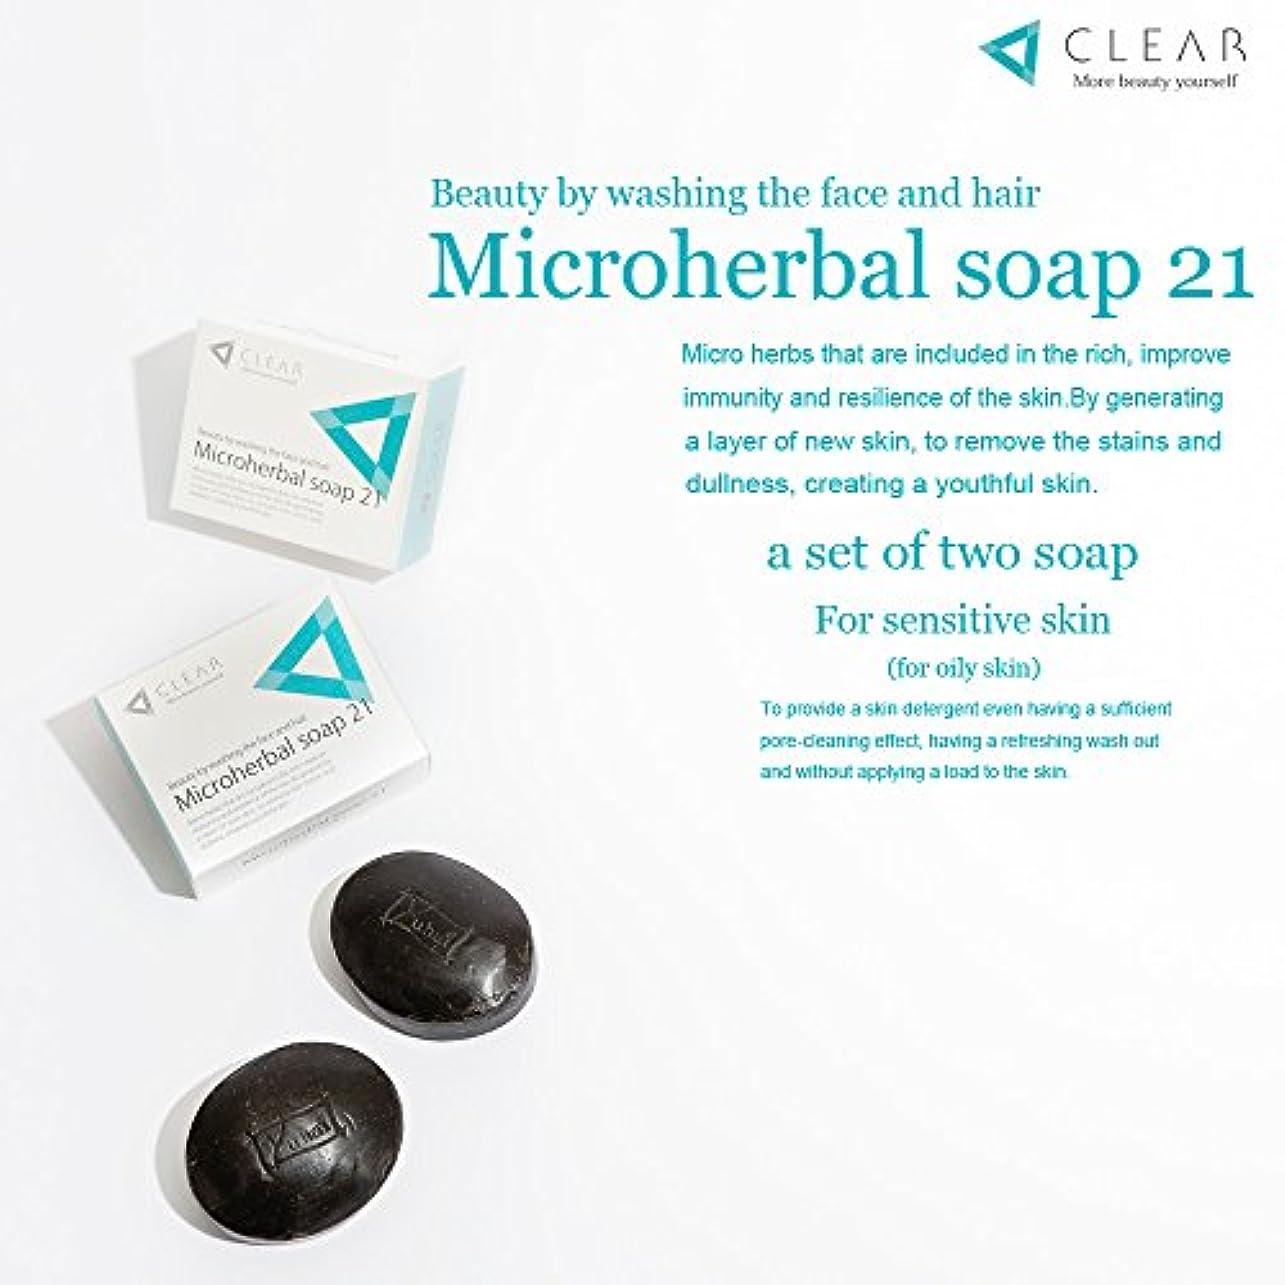 「マイクロハーブ石鹸21?敏感肌用」2個セット(敏感肌にやさしくすっきり肌と頭皮ケア)94g/個